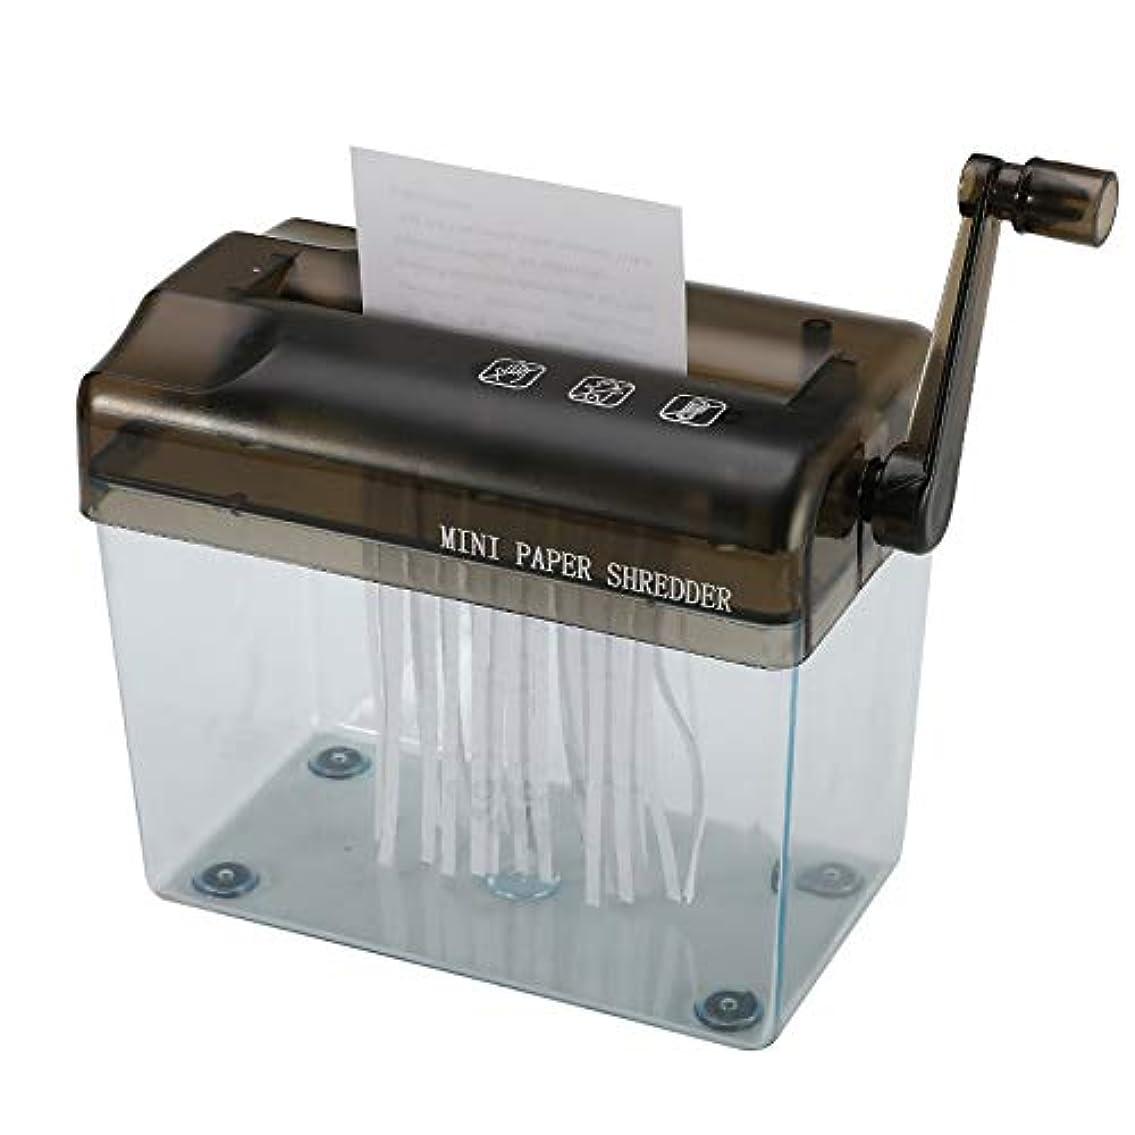 スティーブンソンフラップ理解ミニ手作りシュレッダー、機械デスクトップマニュアル紙ストレート切削工具紙オフィスホームスクールのための工作機械切削